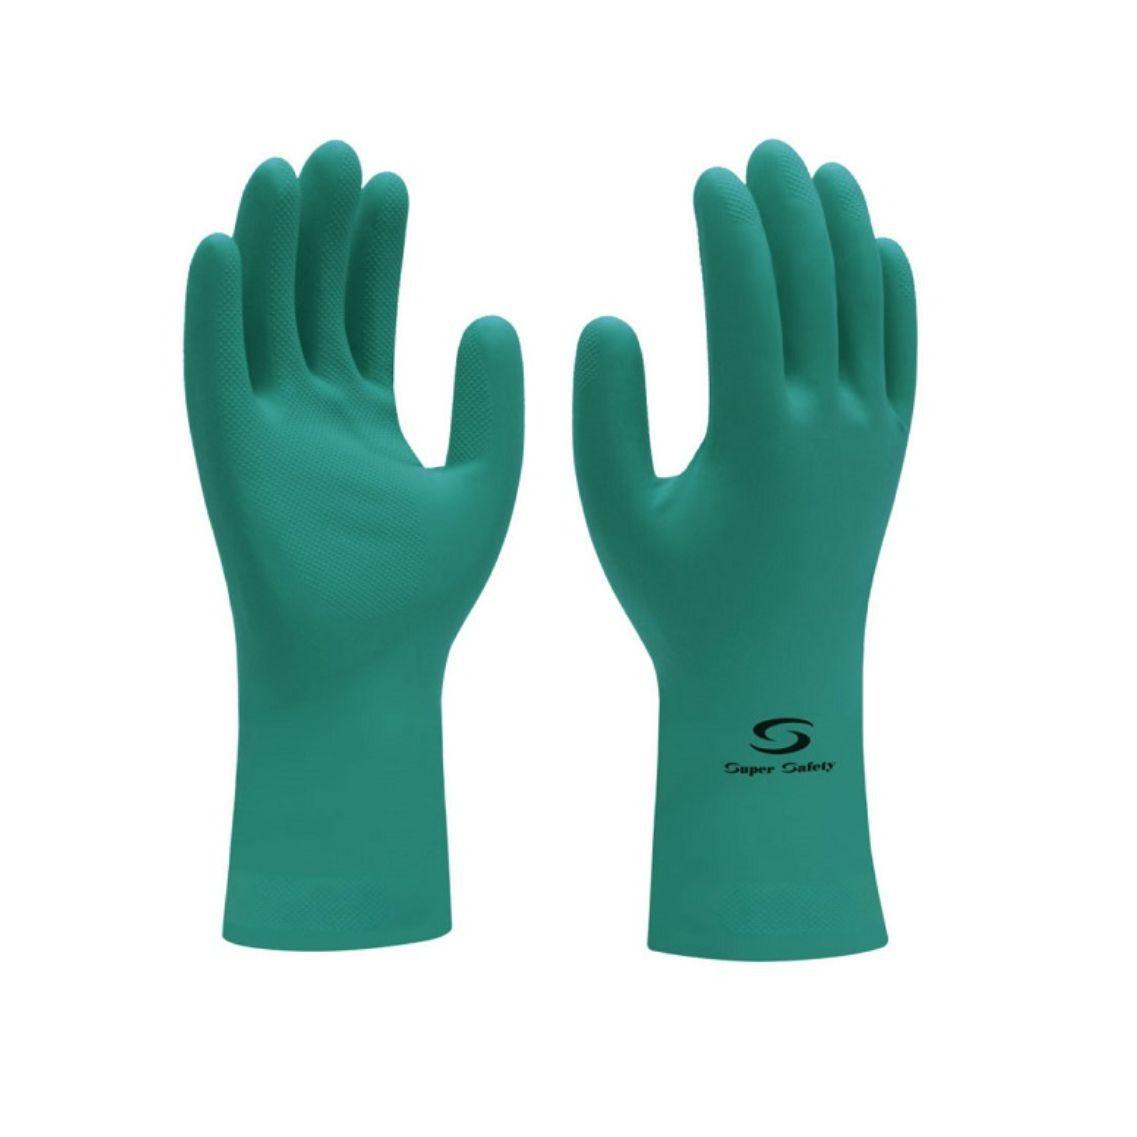 Luva Nitrílica Forrada Super Safety Verde Tamanho P ao XG 12 Pares